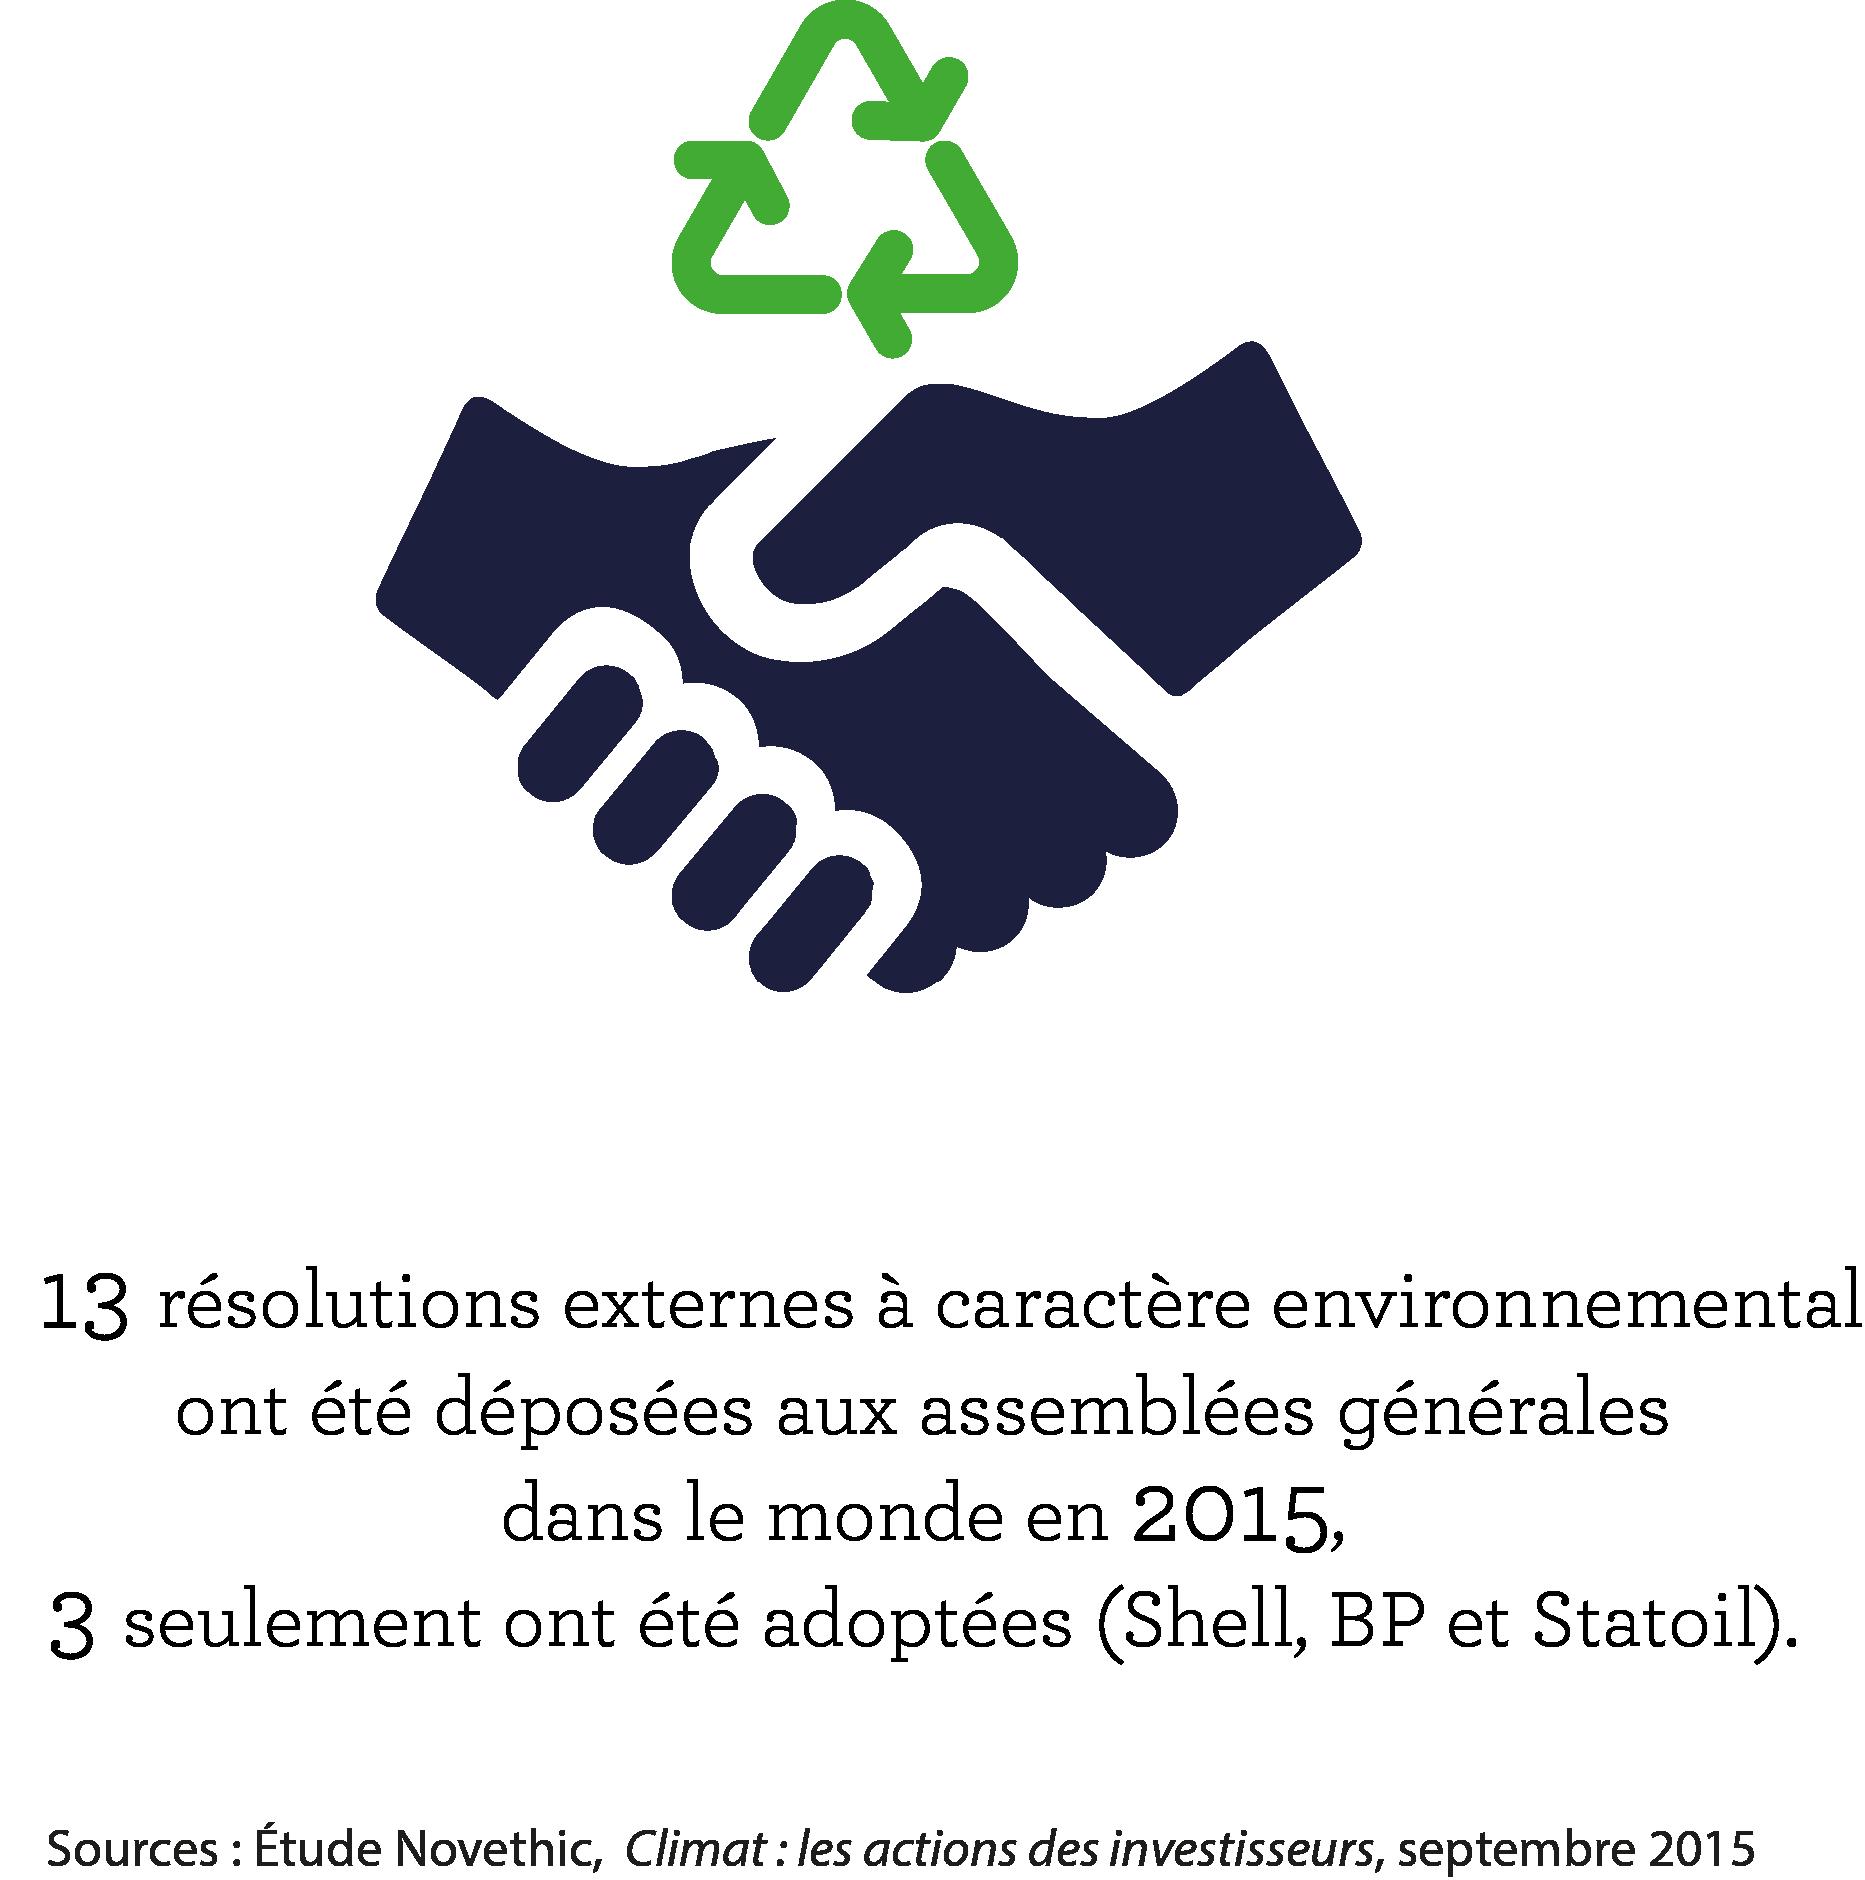 Producteurs de pétrole et de gaz ISR résolution environnement